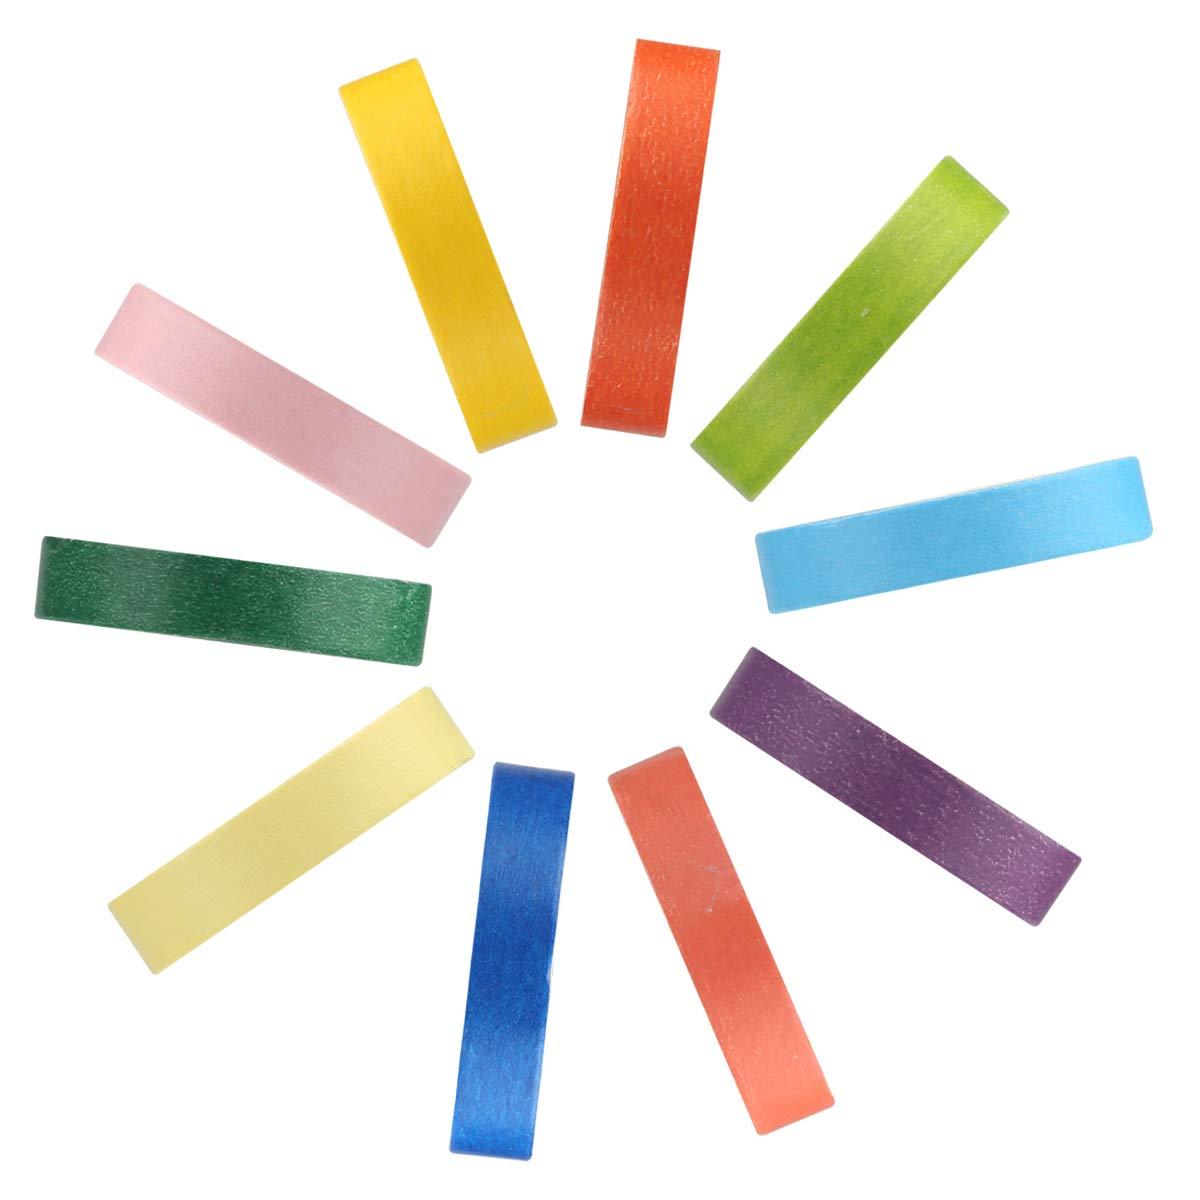 Adkwse Washi Tape Set 10 Rollen DIY Dekorative Regenbogen Klebeband Dekob/änder Aufkleber f/ür Kinder und Geschenke Verpackung Halloween Bunt10P Thanksgiving Day Weihnachten